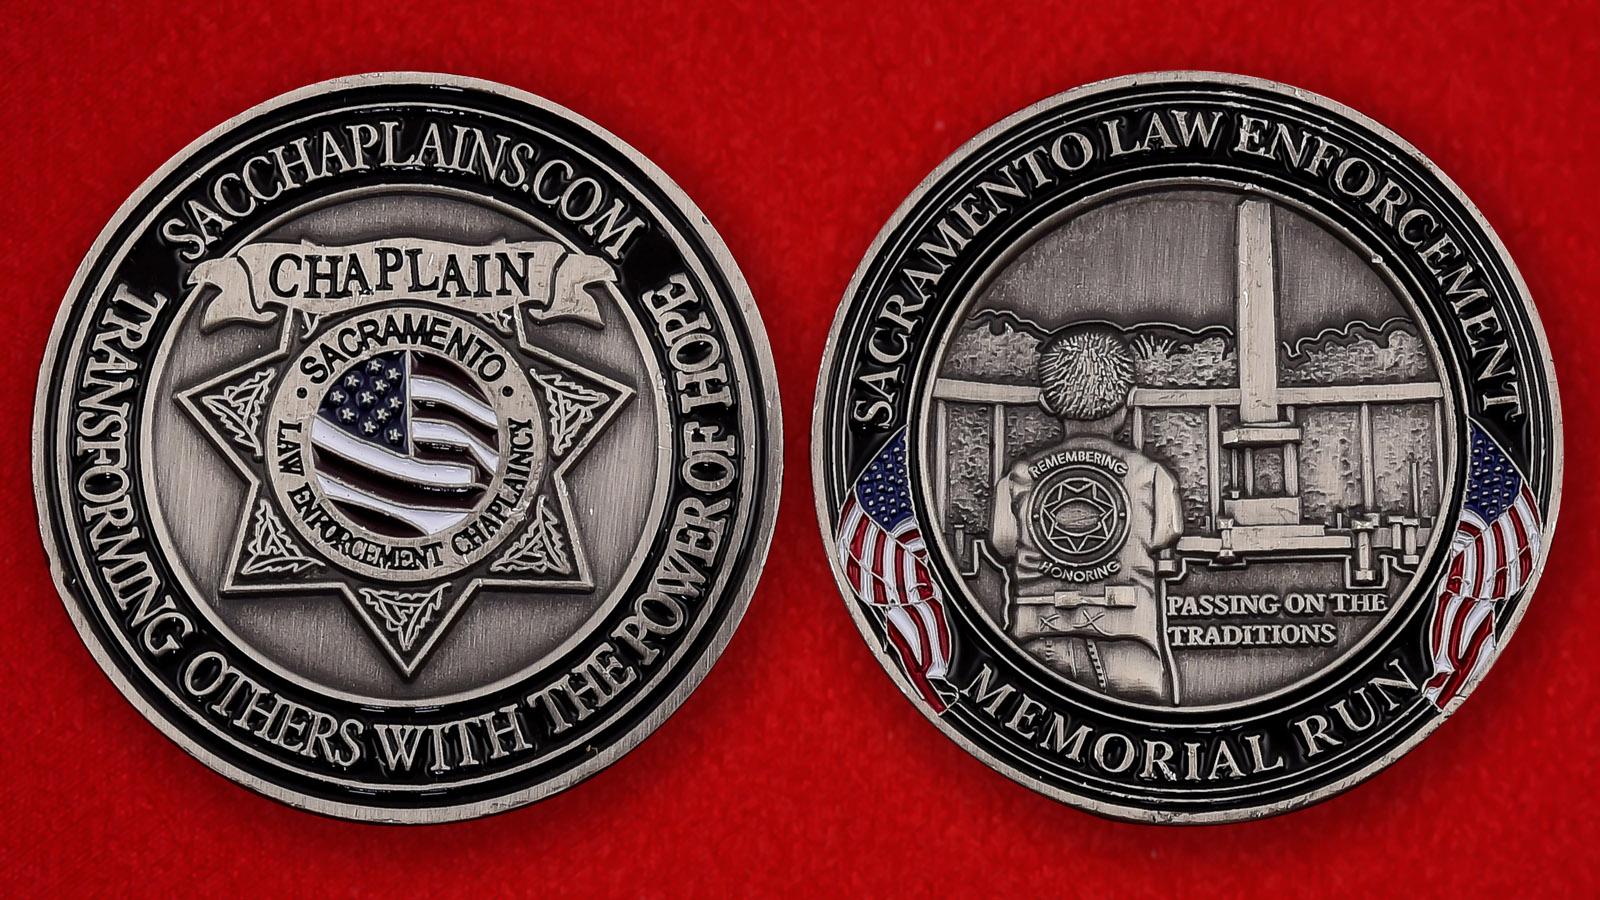 Памятная монета благотворительной организации священнослужителей правоохранительных органов Сакраменто